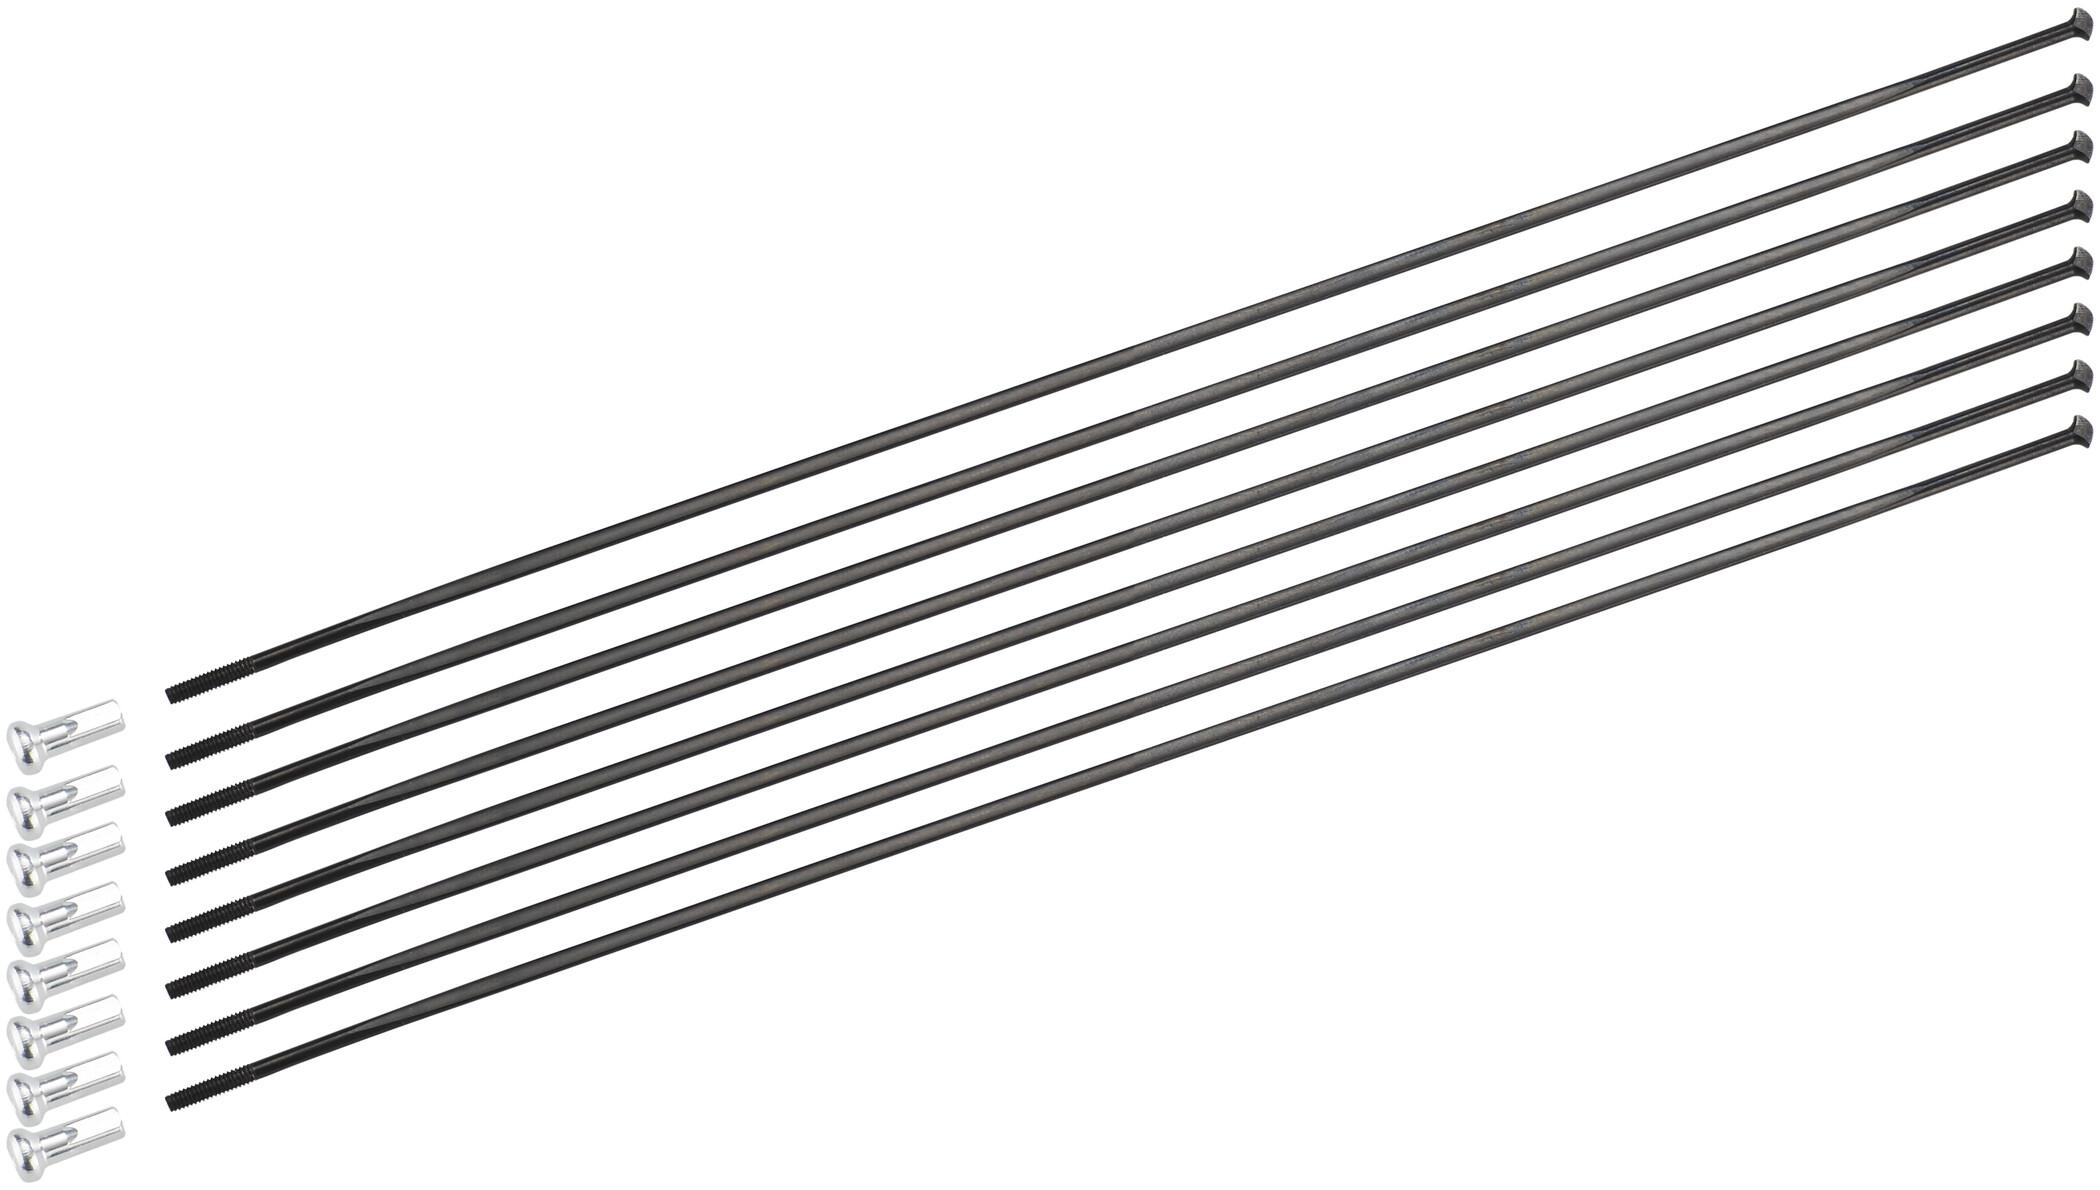 DT Swiss Egersæt 'til ARC 1100 Dicut 62 mm DB' (2019) | Spokes